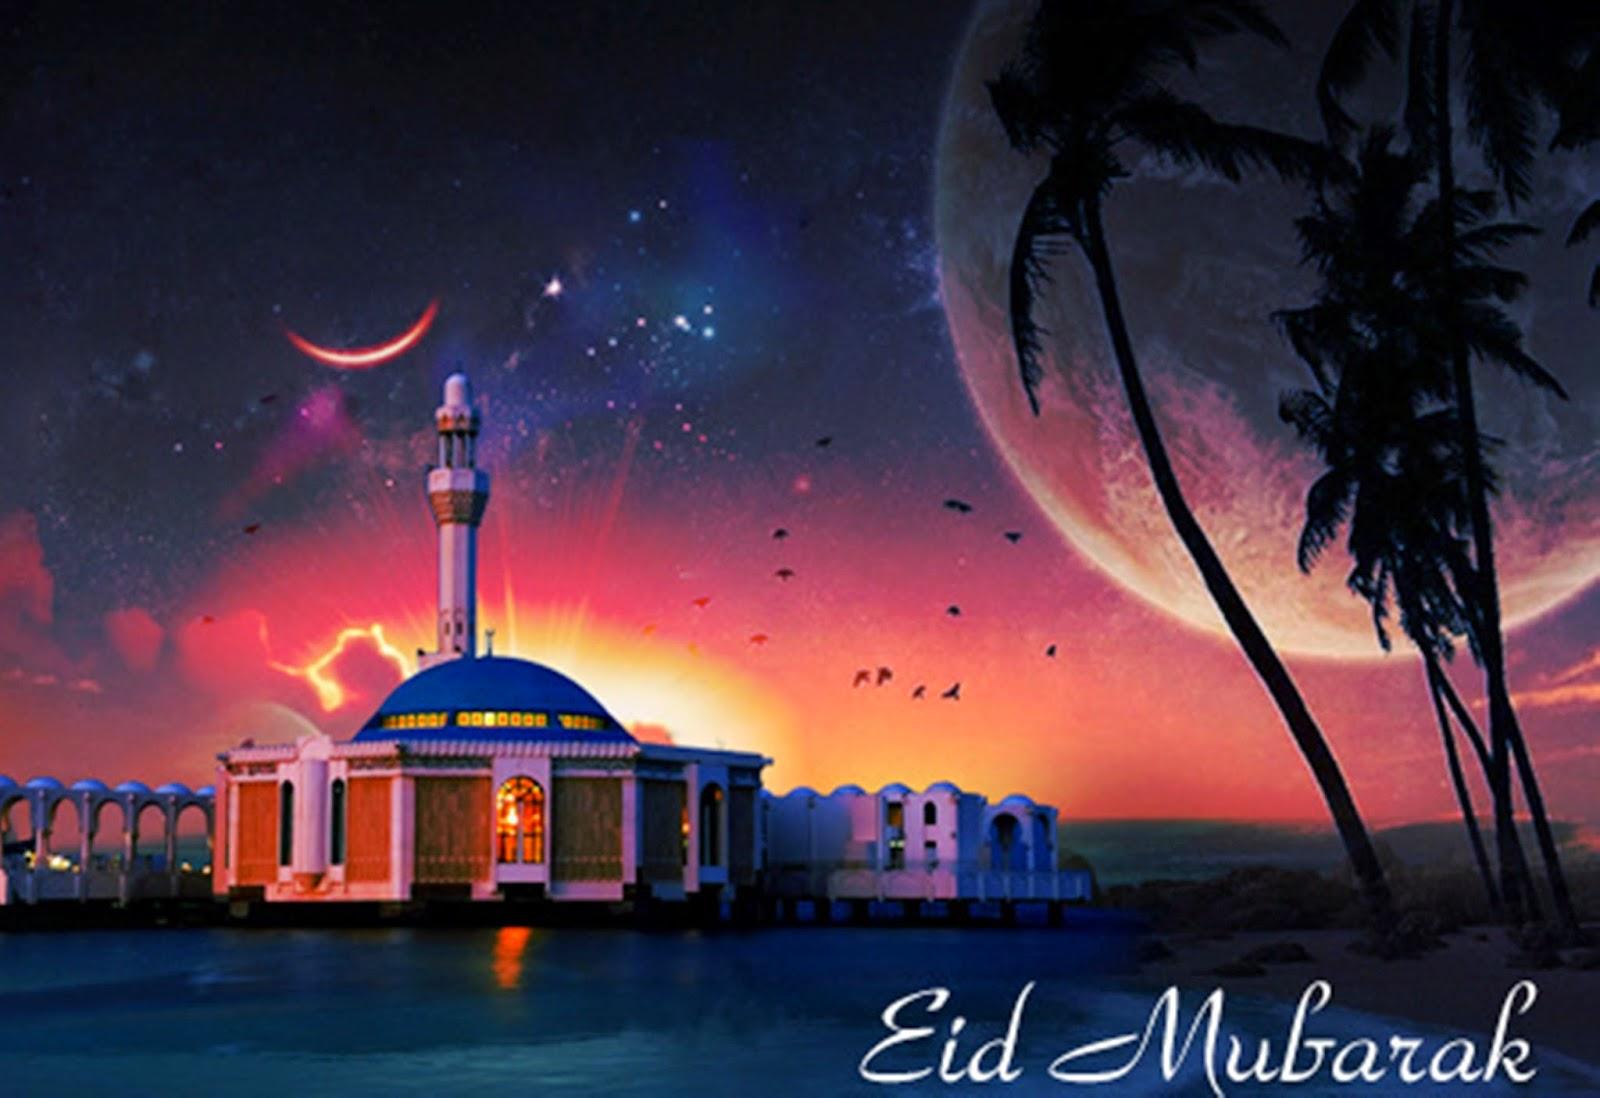 Eid Mubarak 2018 HD Image